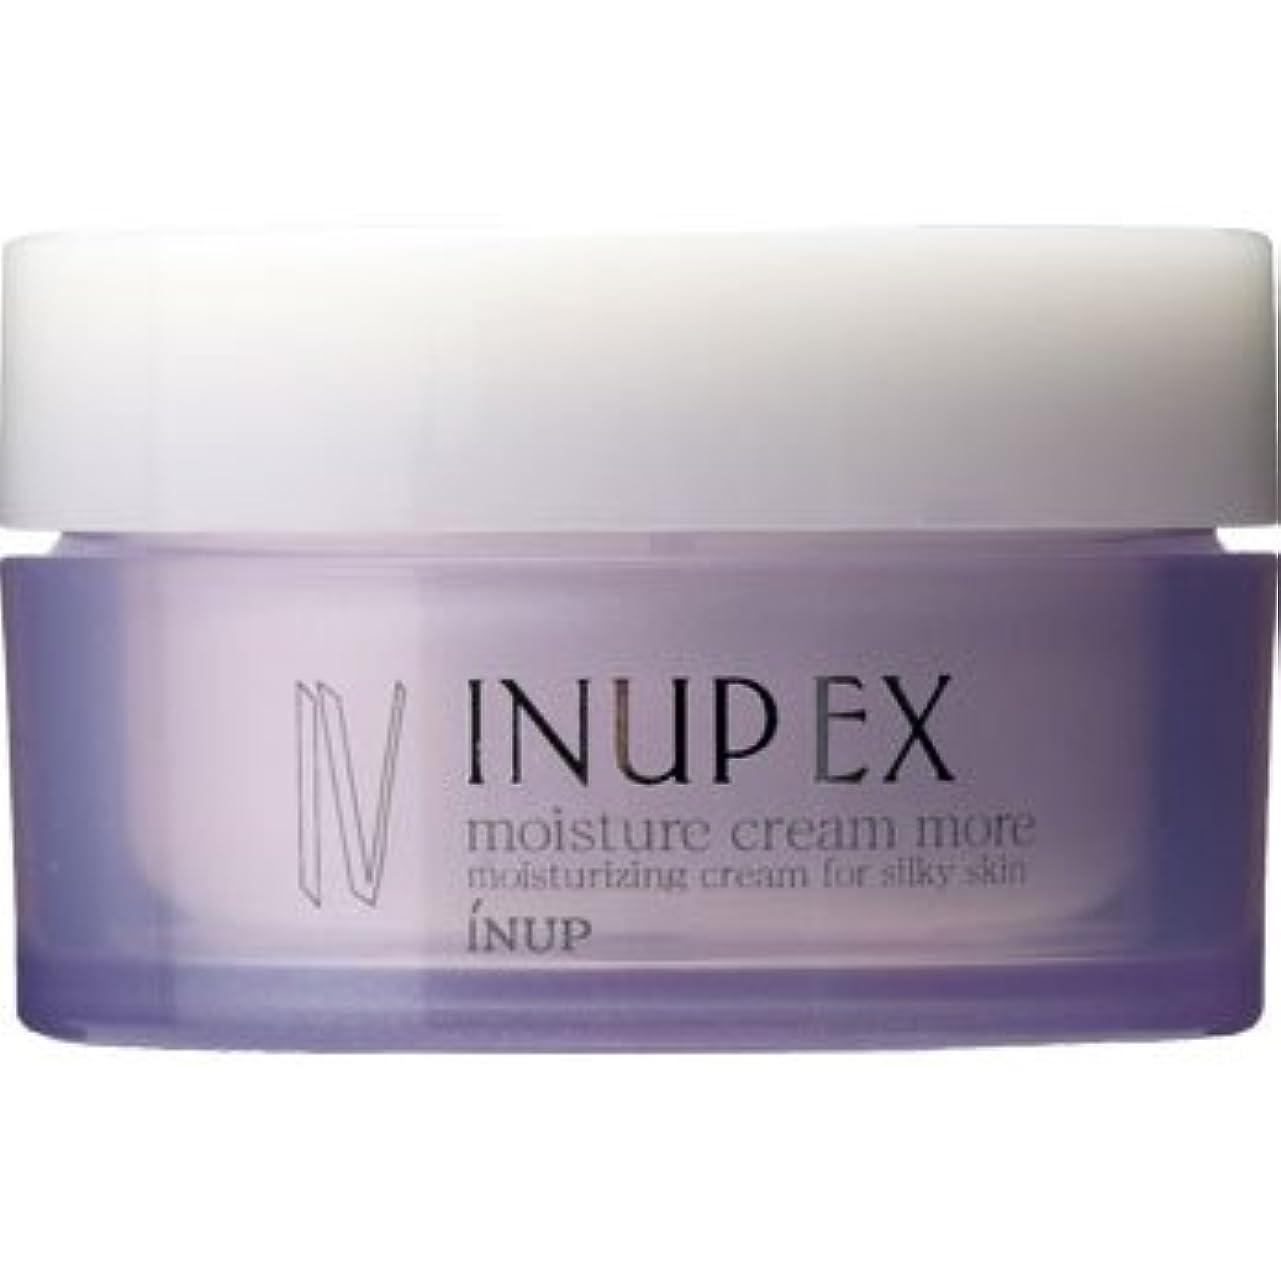 地下鉄うんざり眼インナップEX 保湿クリーム (潤い効果アップ) モイスチャークリーム MD (スパチュラ付)[弱酸性] 30g